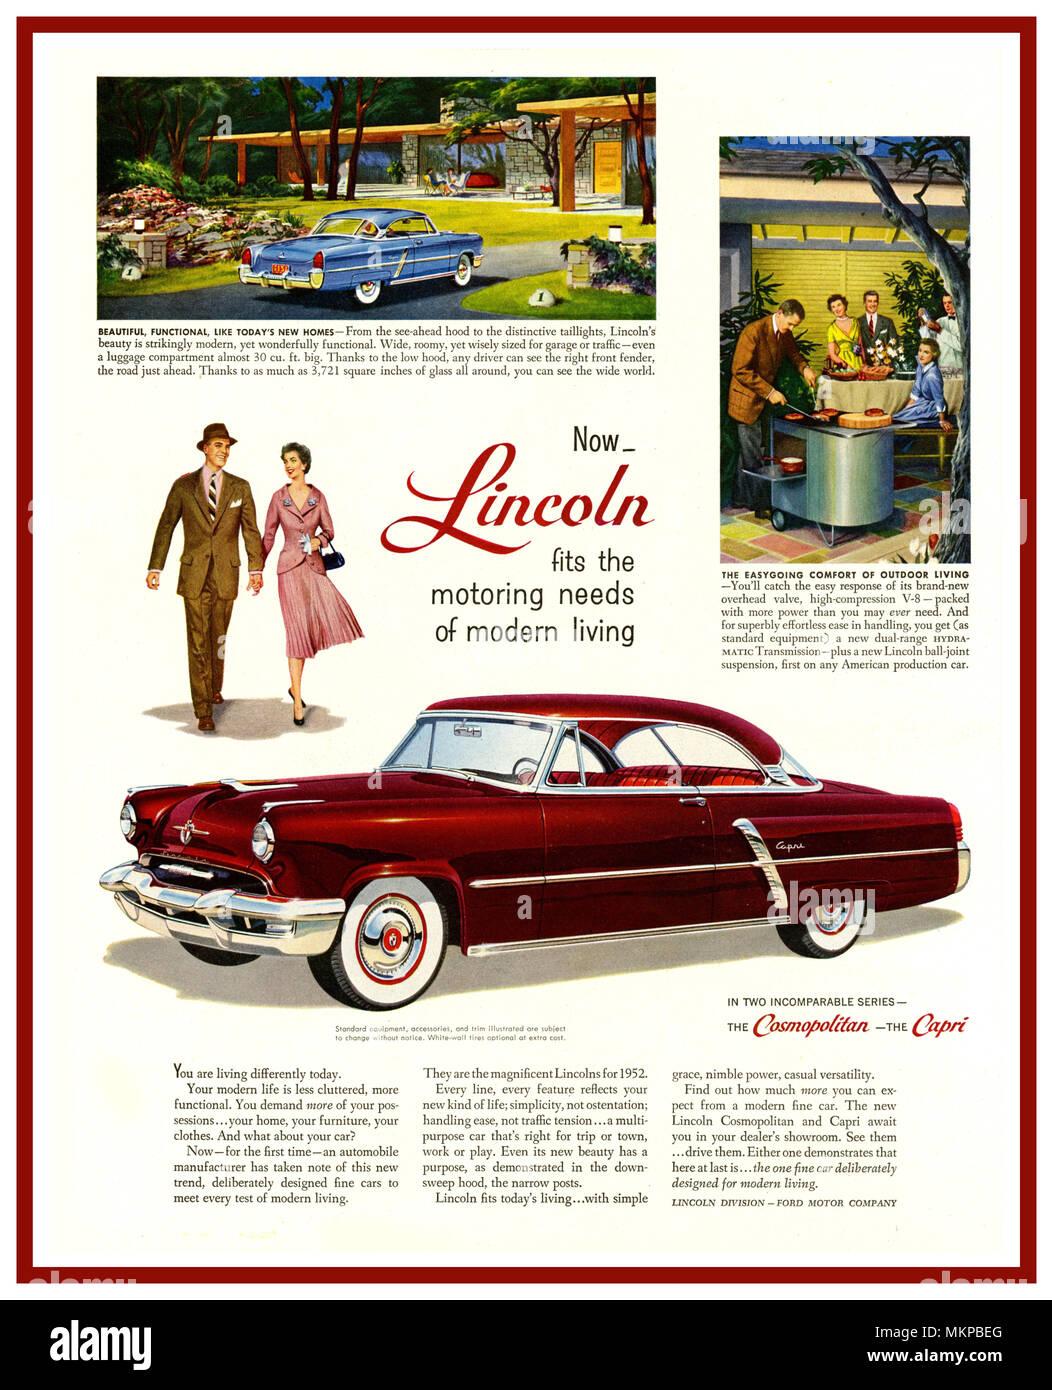 1952 American Lincoln Automobile Annuncio Pubblicitario Per Il Lusso